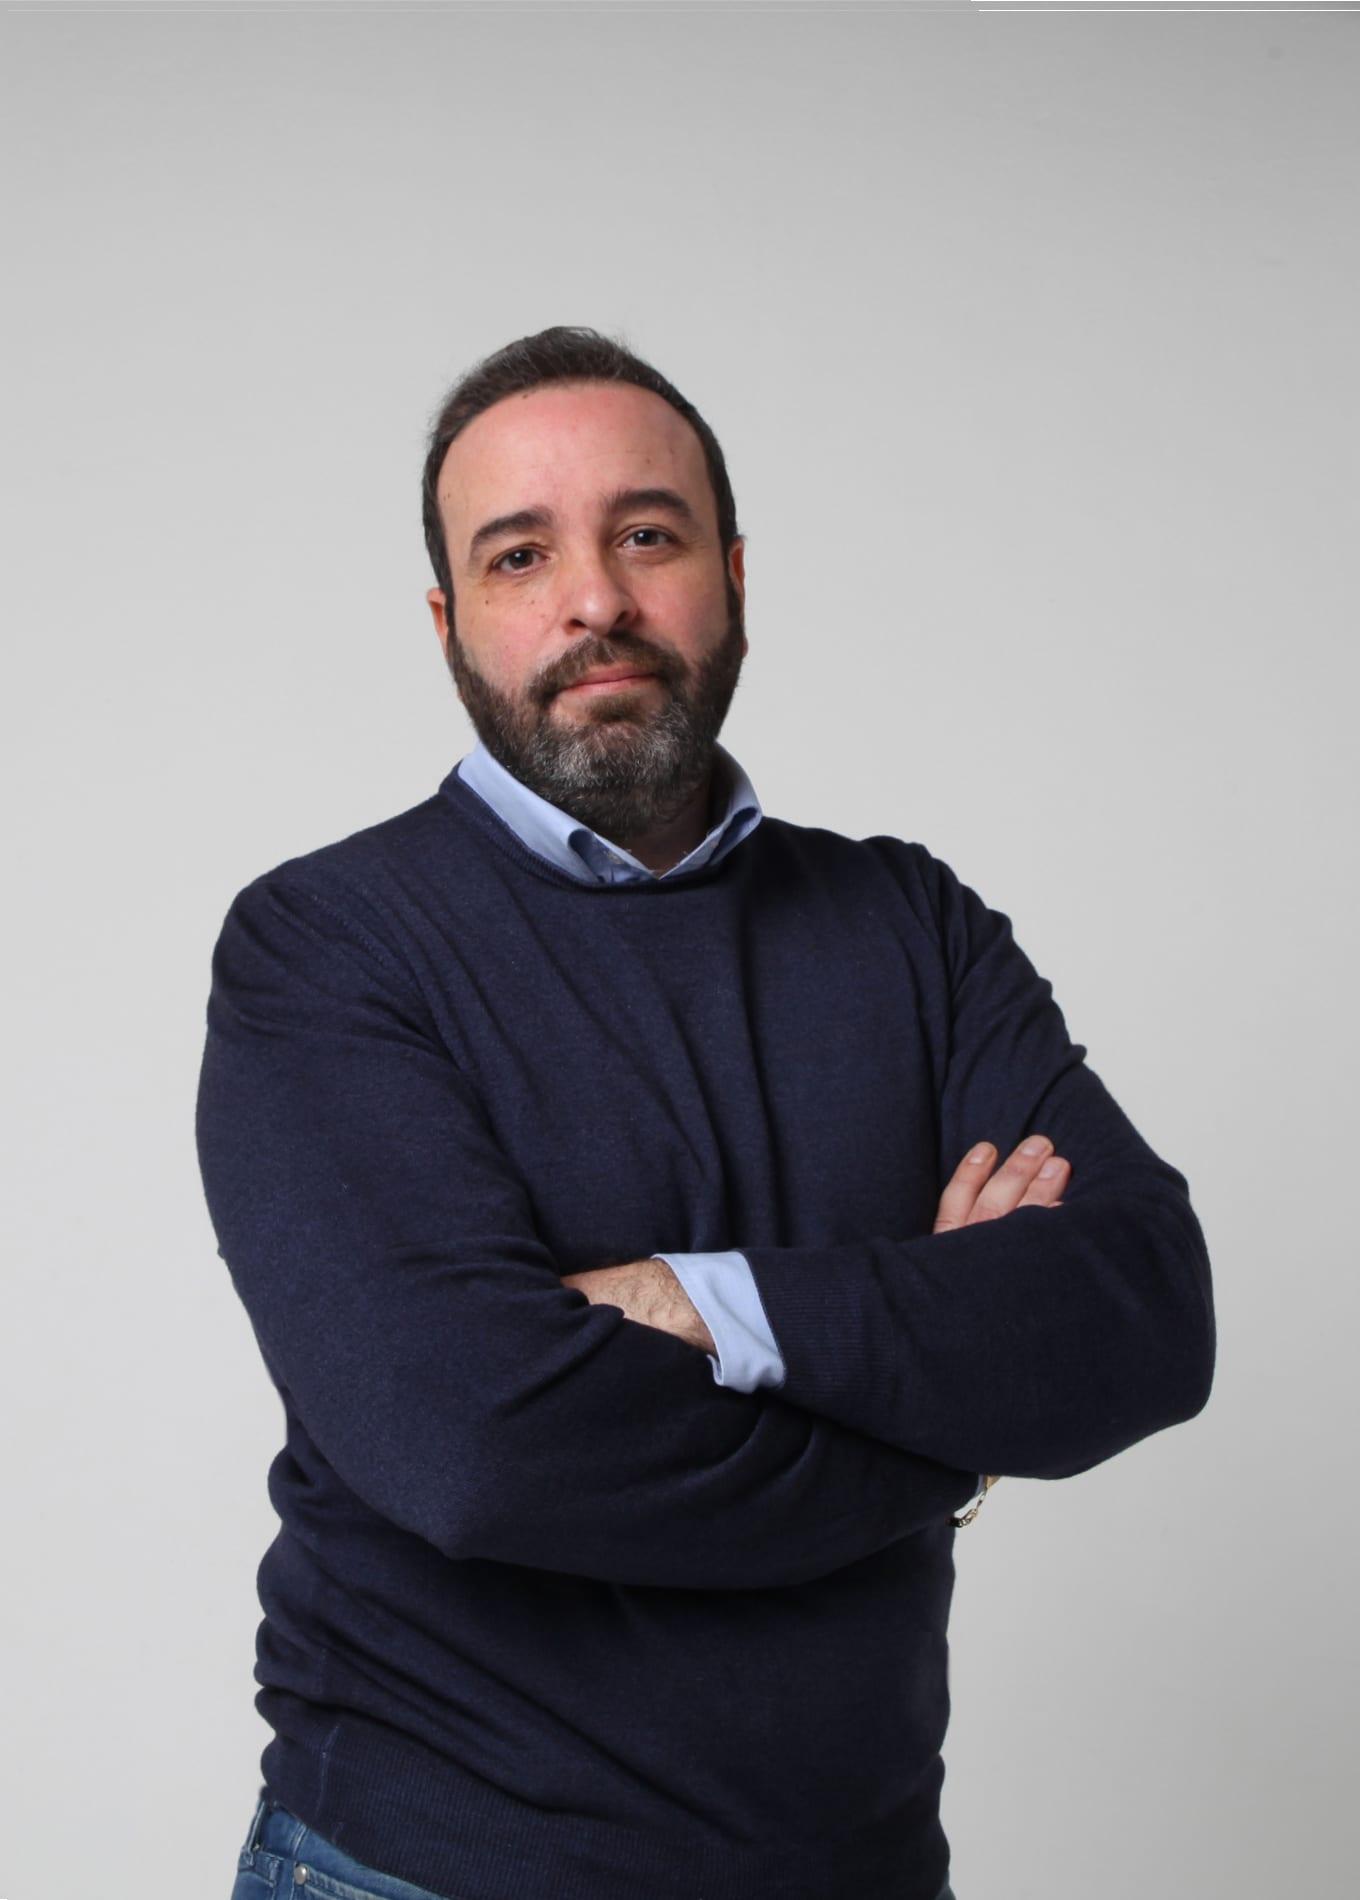 Marco Fresta direttore creativo Mkers